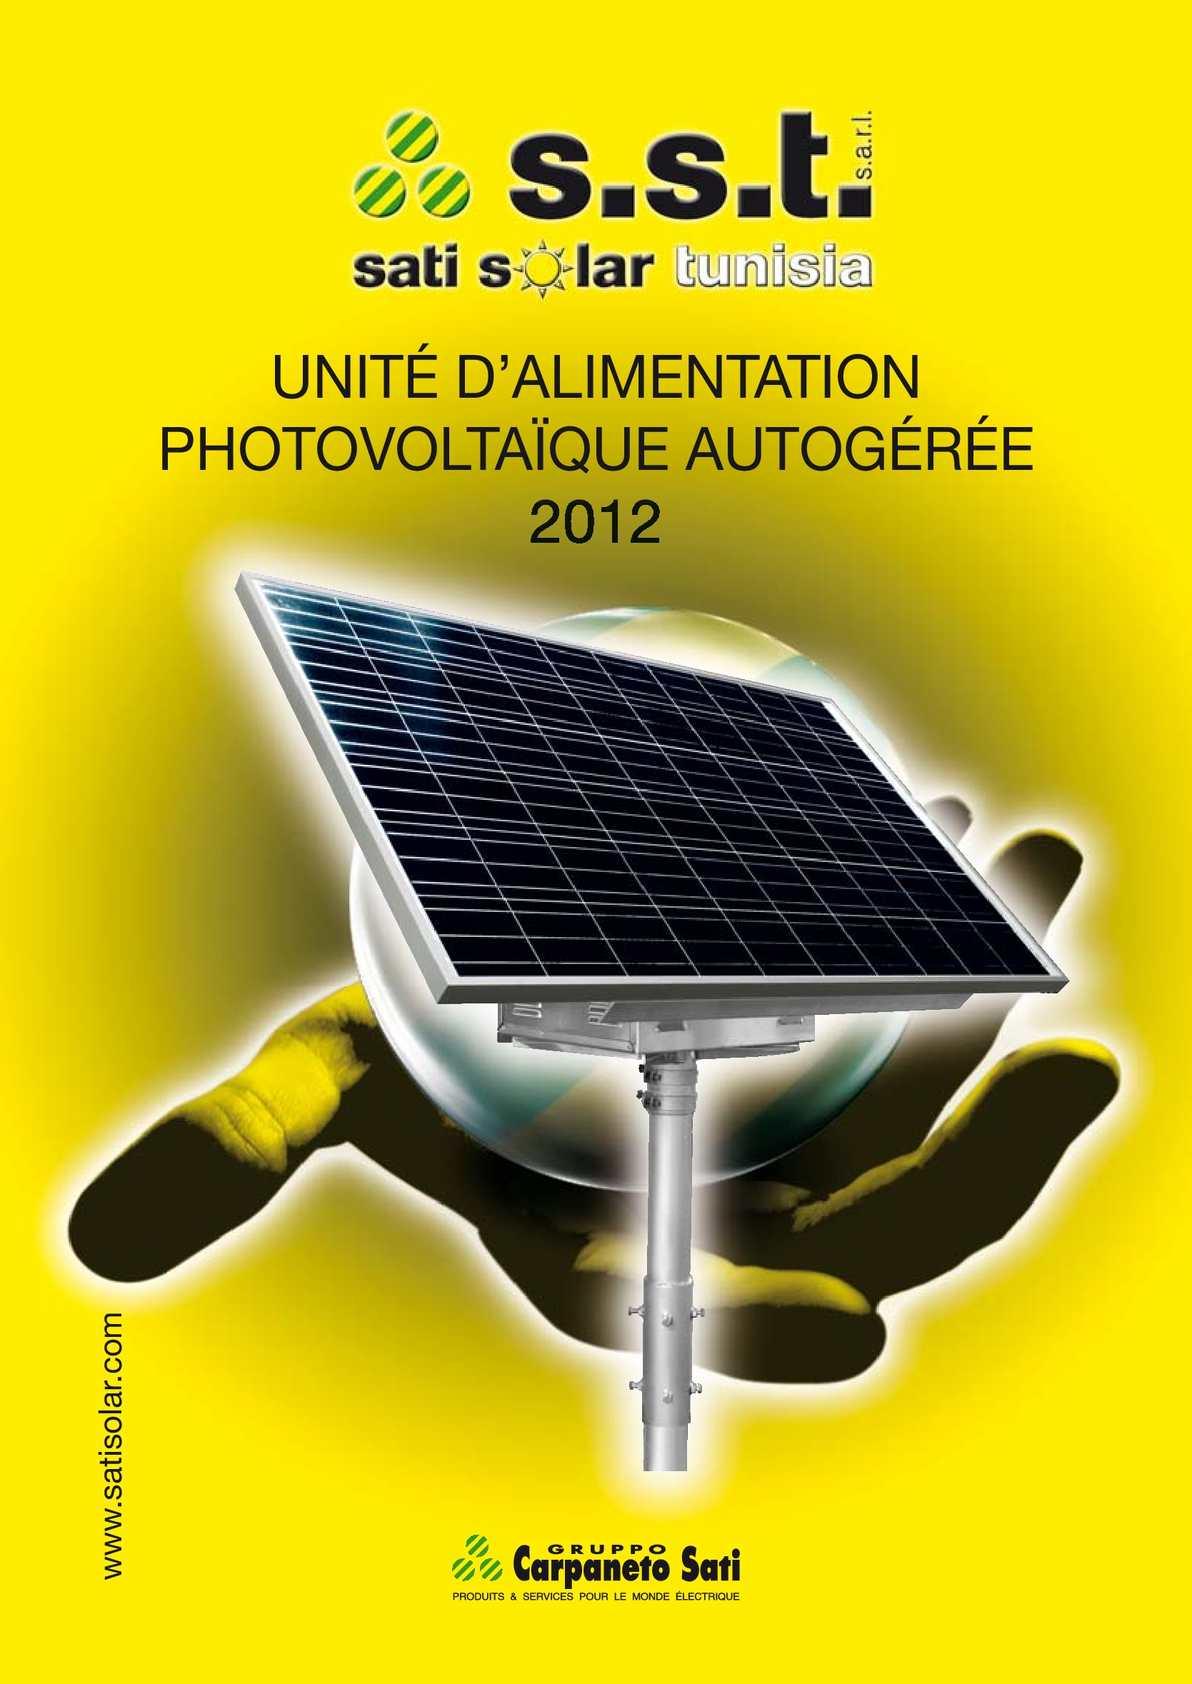 UNITÉ D'ALIMENTATION PHOTOVOLTAÏQUE AUTOGÉRÉE 2012